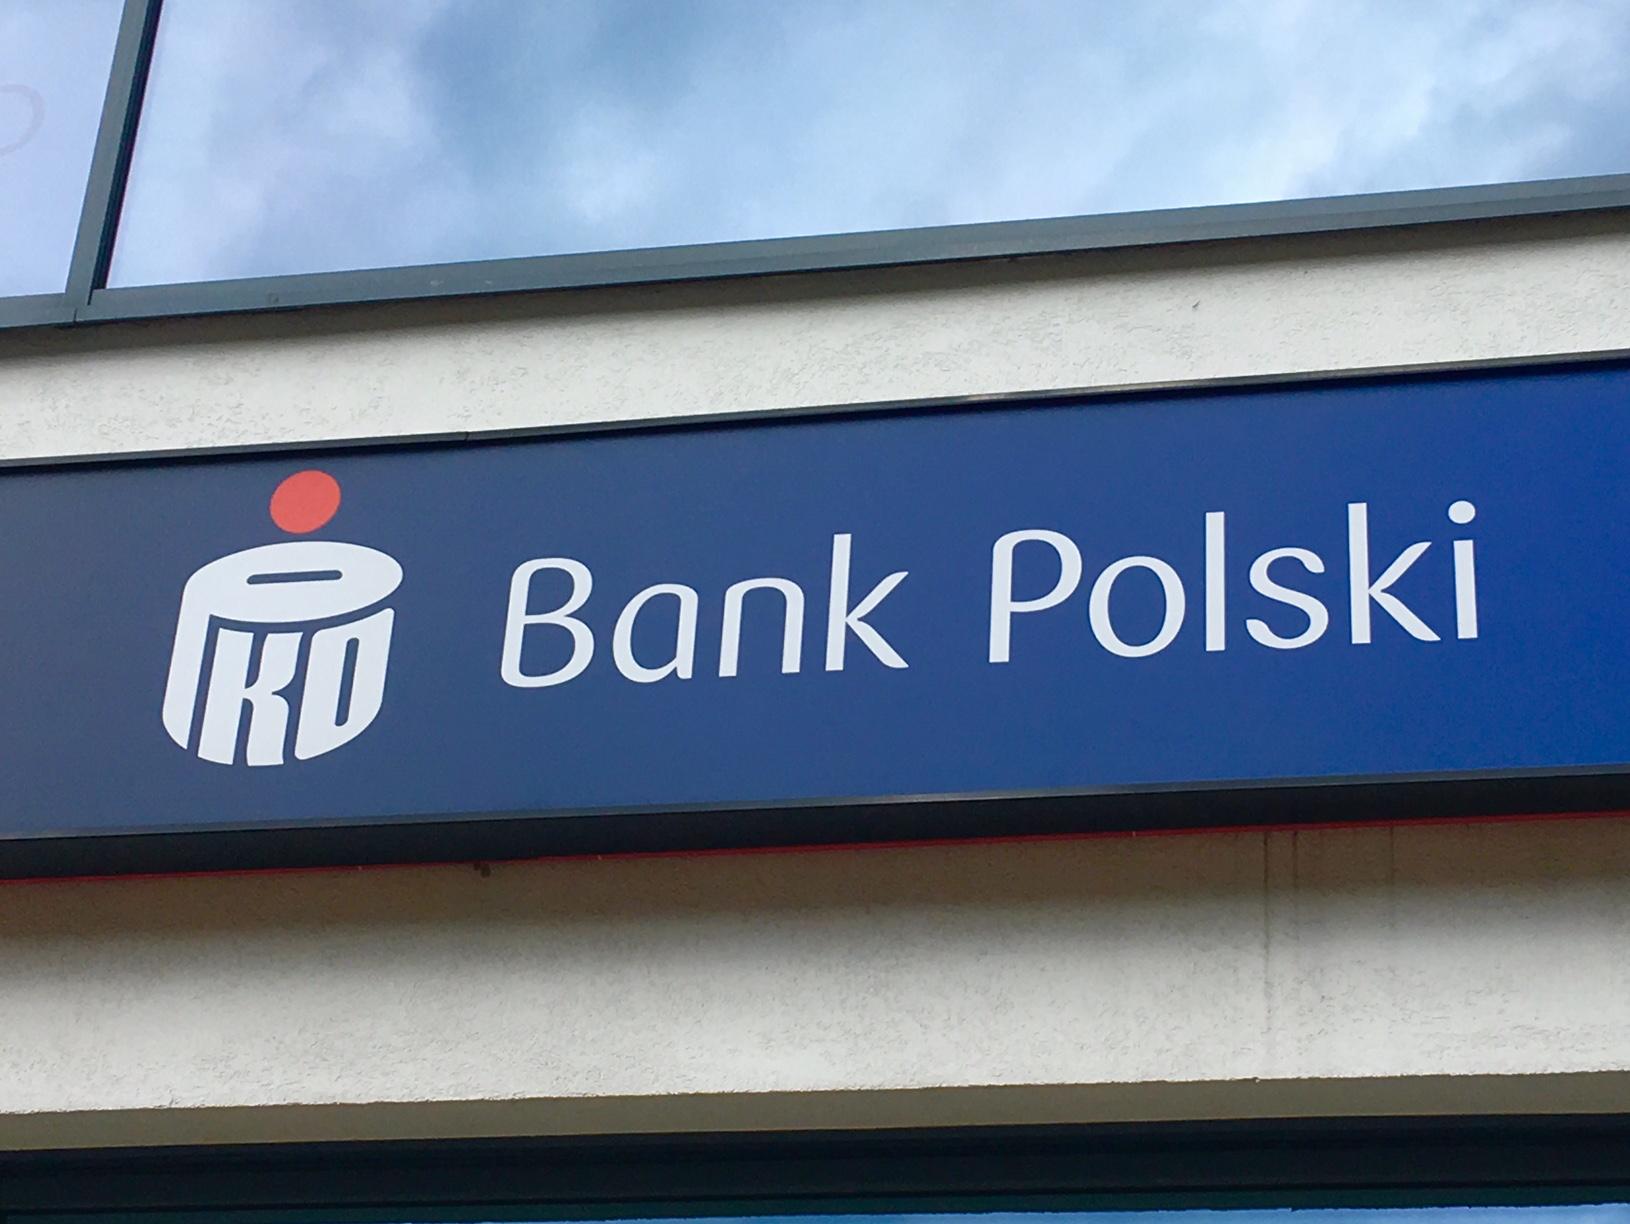 ポーランドで銀行口座開設するならbank polskiがおすすめ